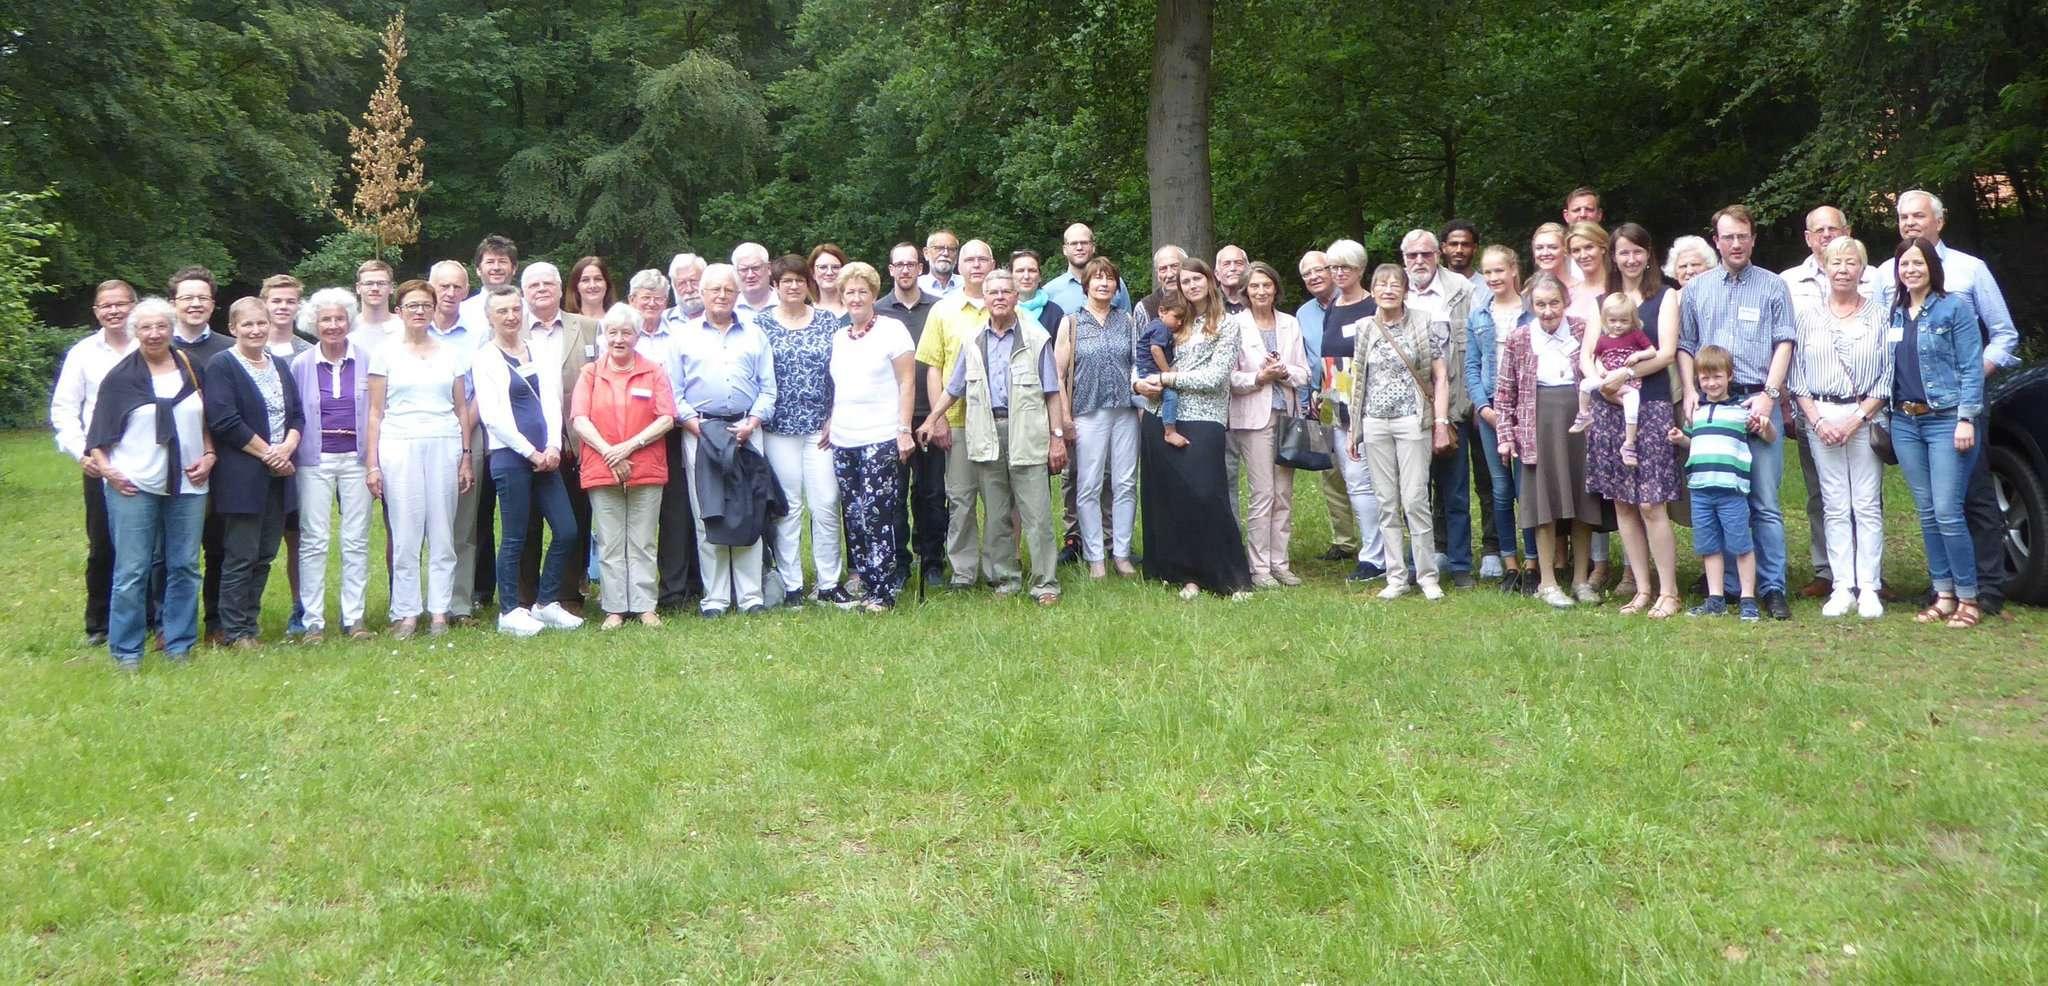 Eine Familie, mehrere Generationen: Von weit her kamen die Mitglieder, um beim Familientreffen dabei zu sein.